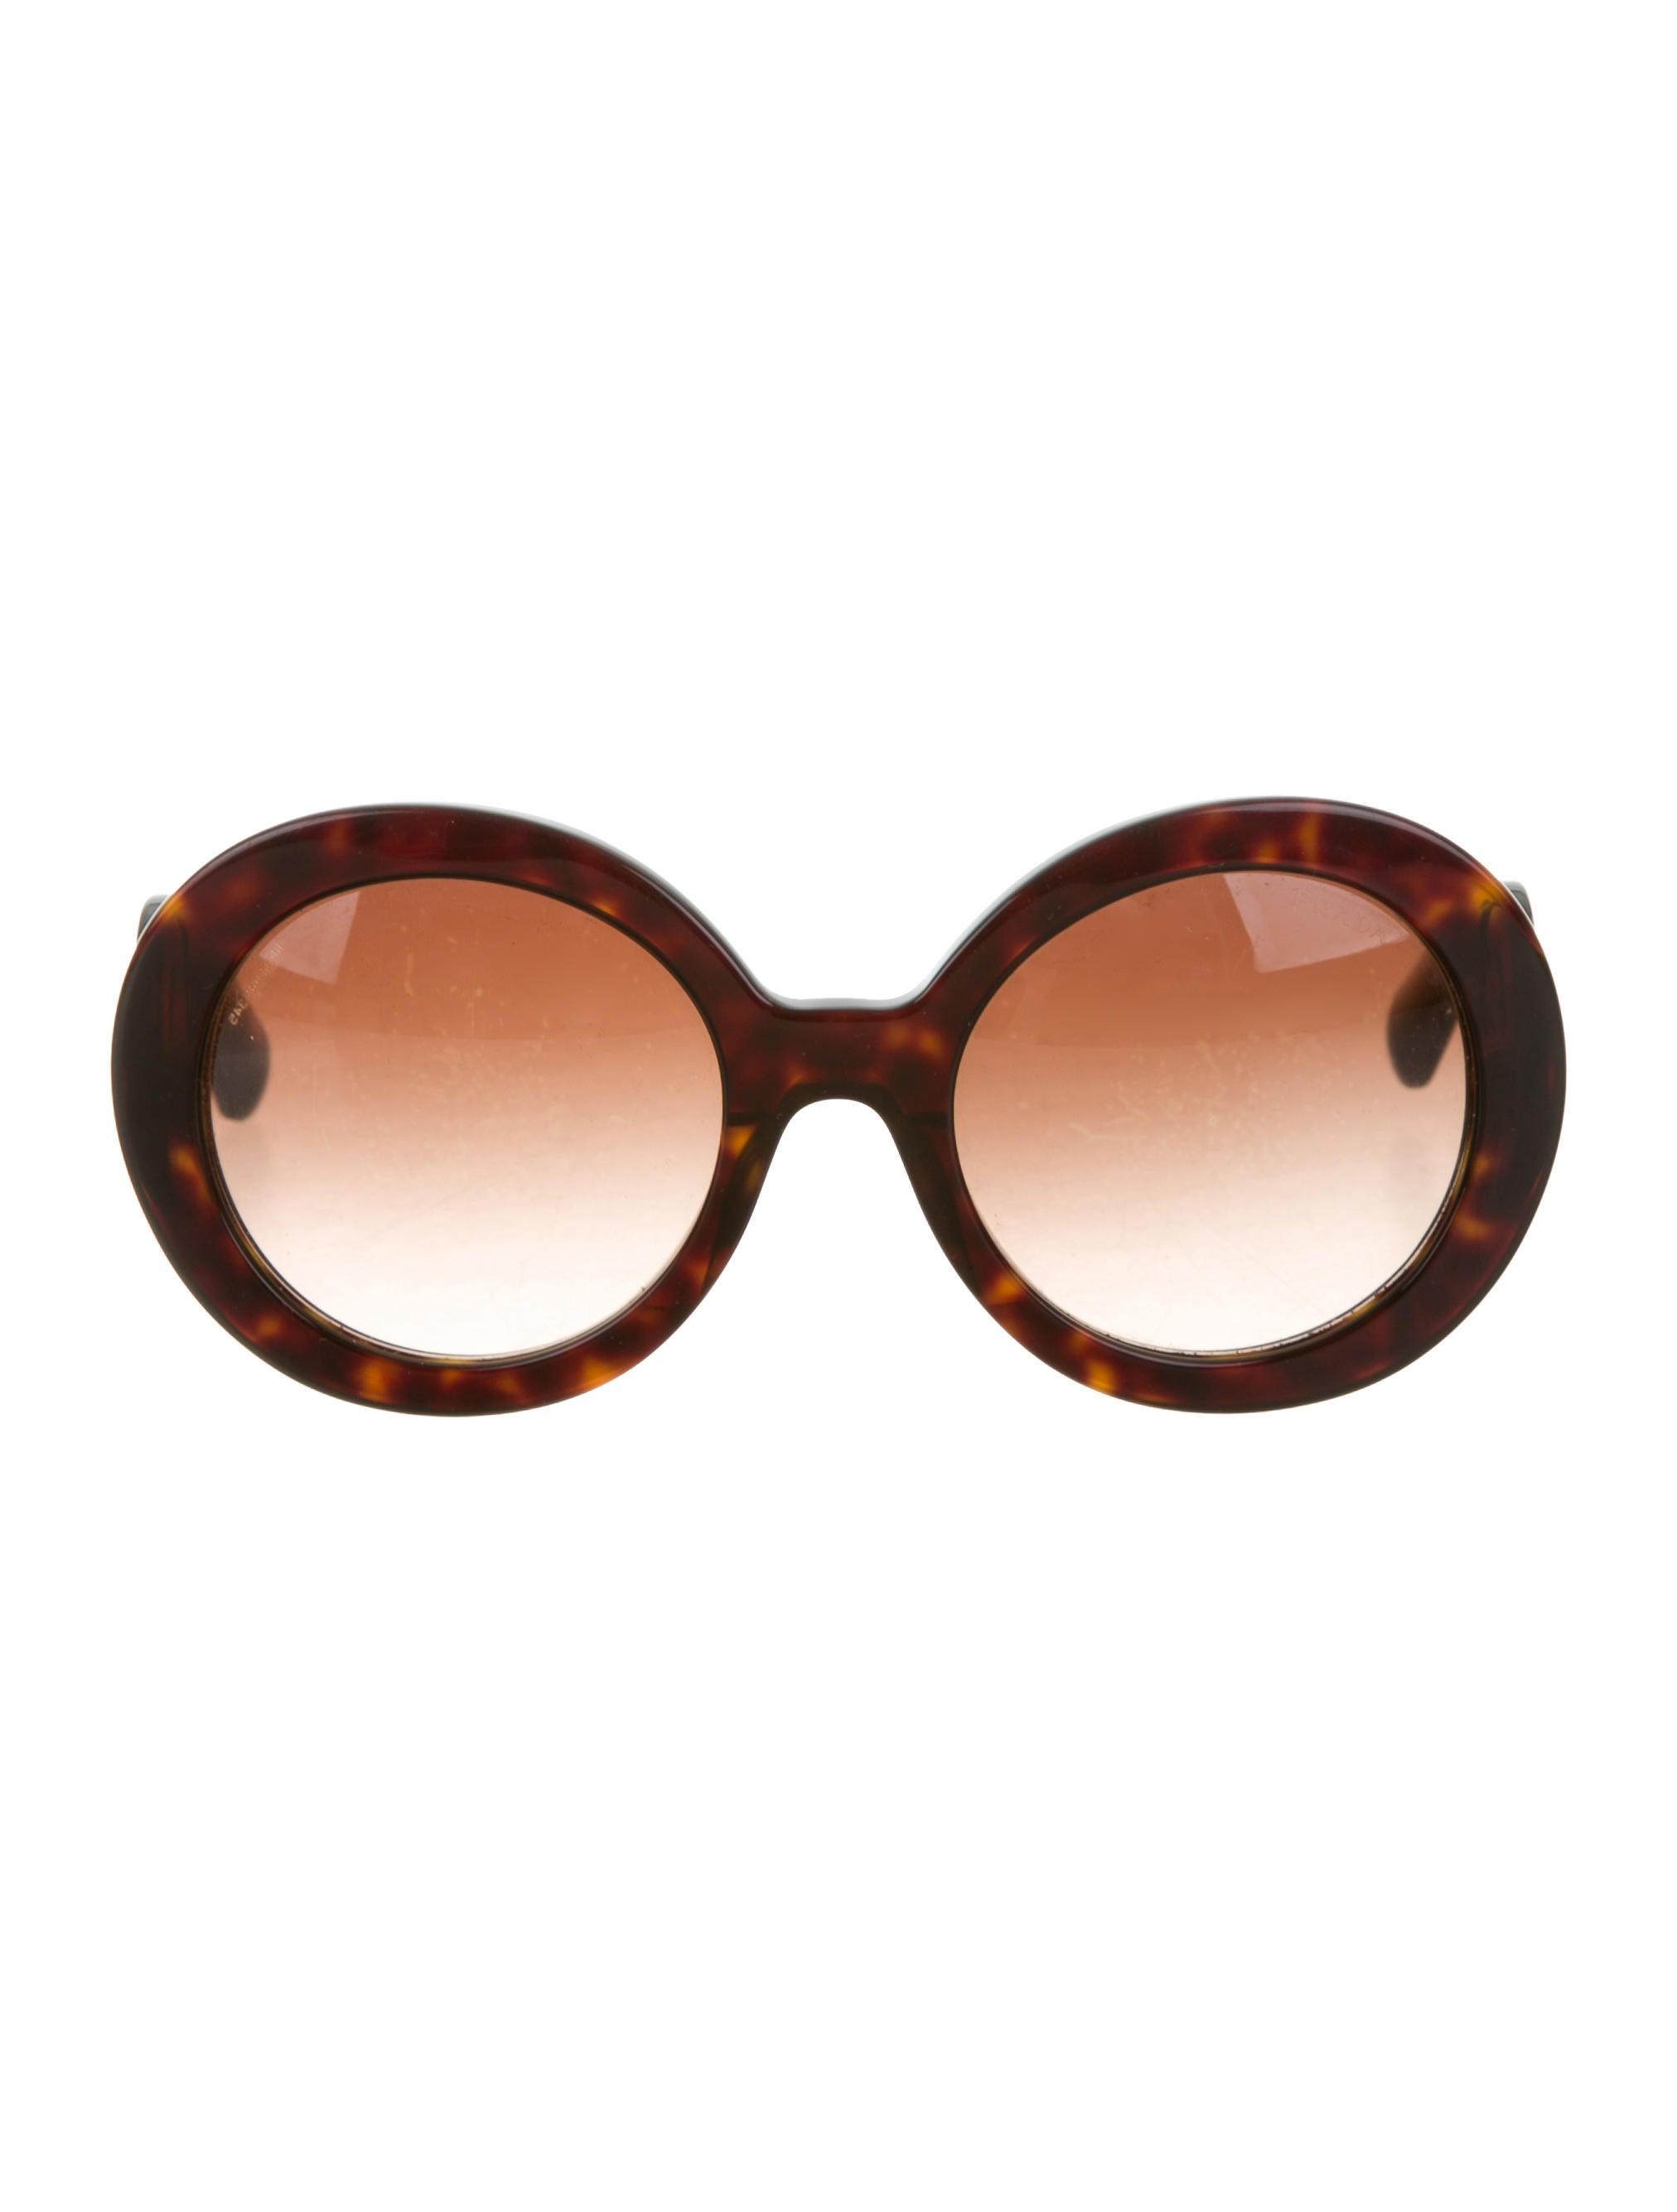 prada baroque round sunglasses accessories pra142277